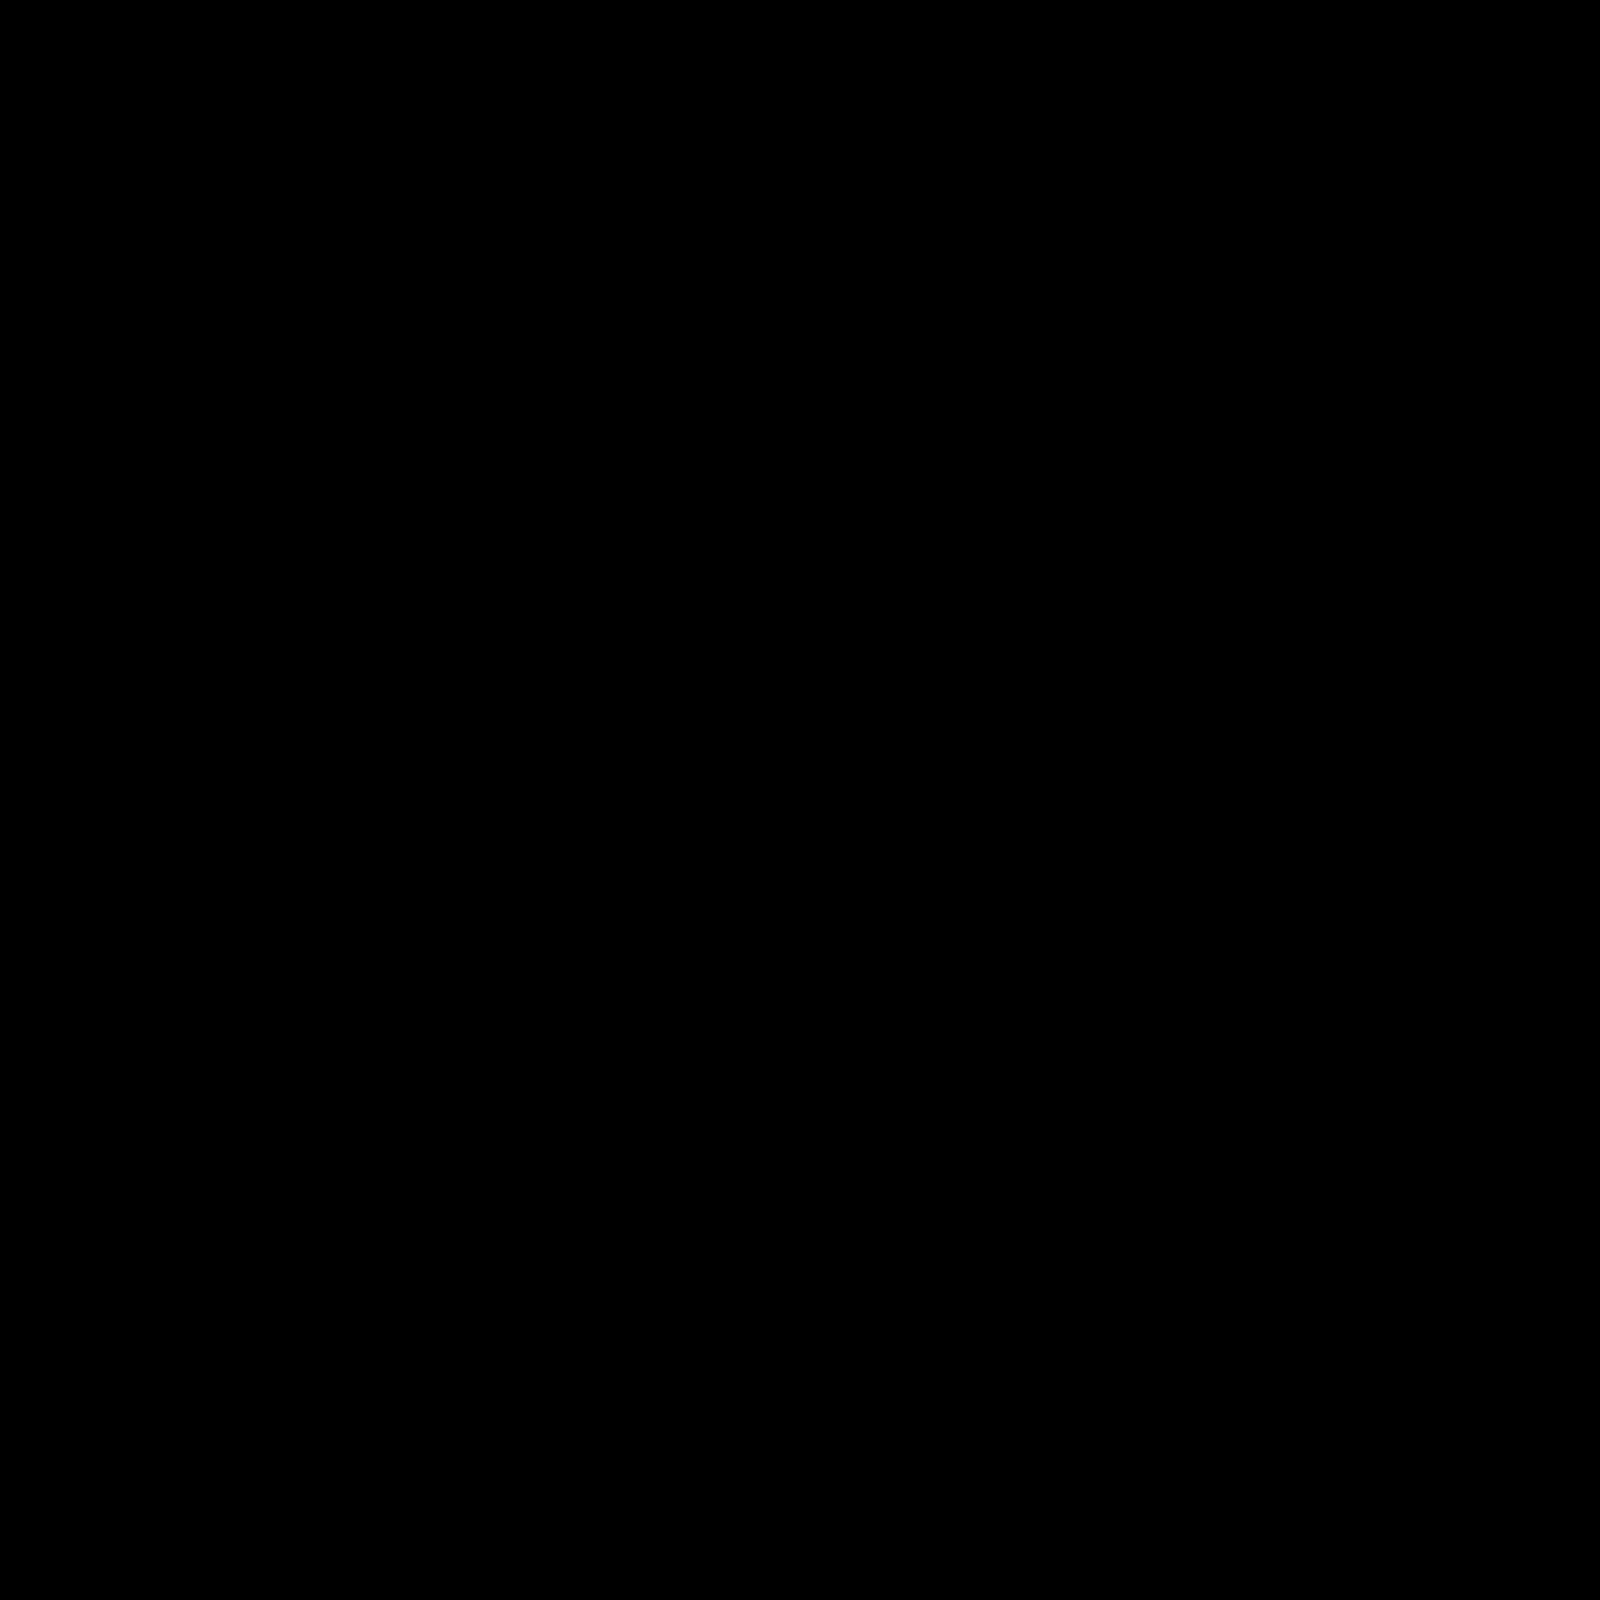 Następny icon